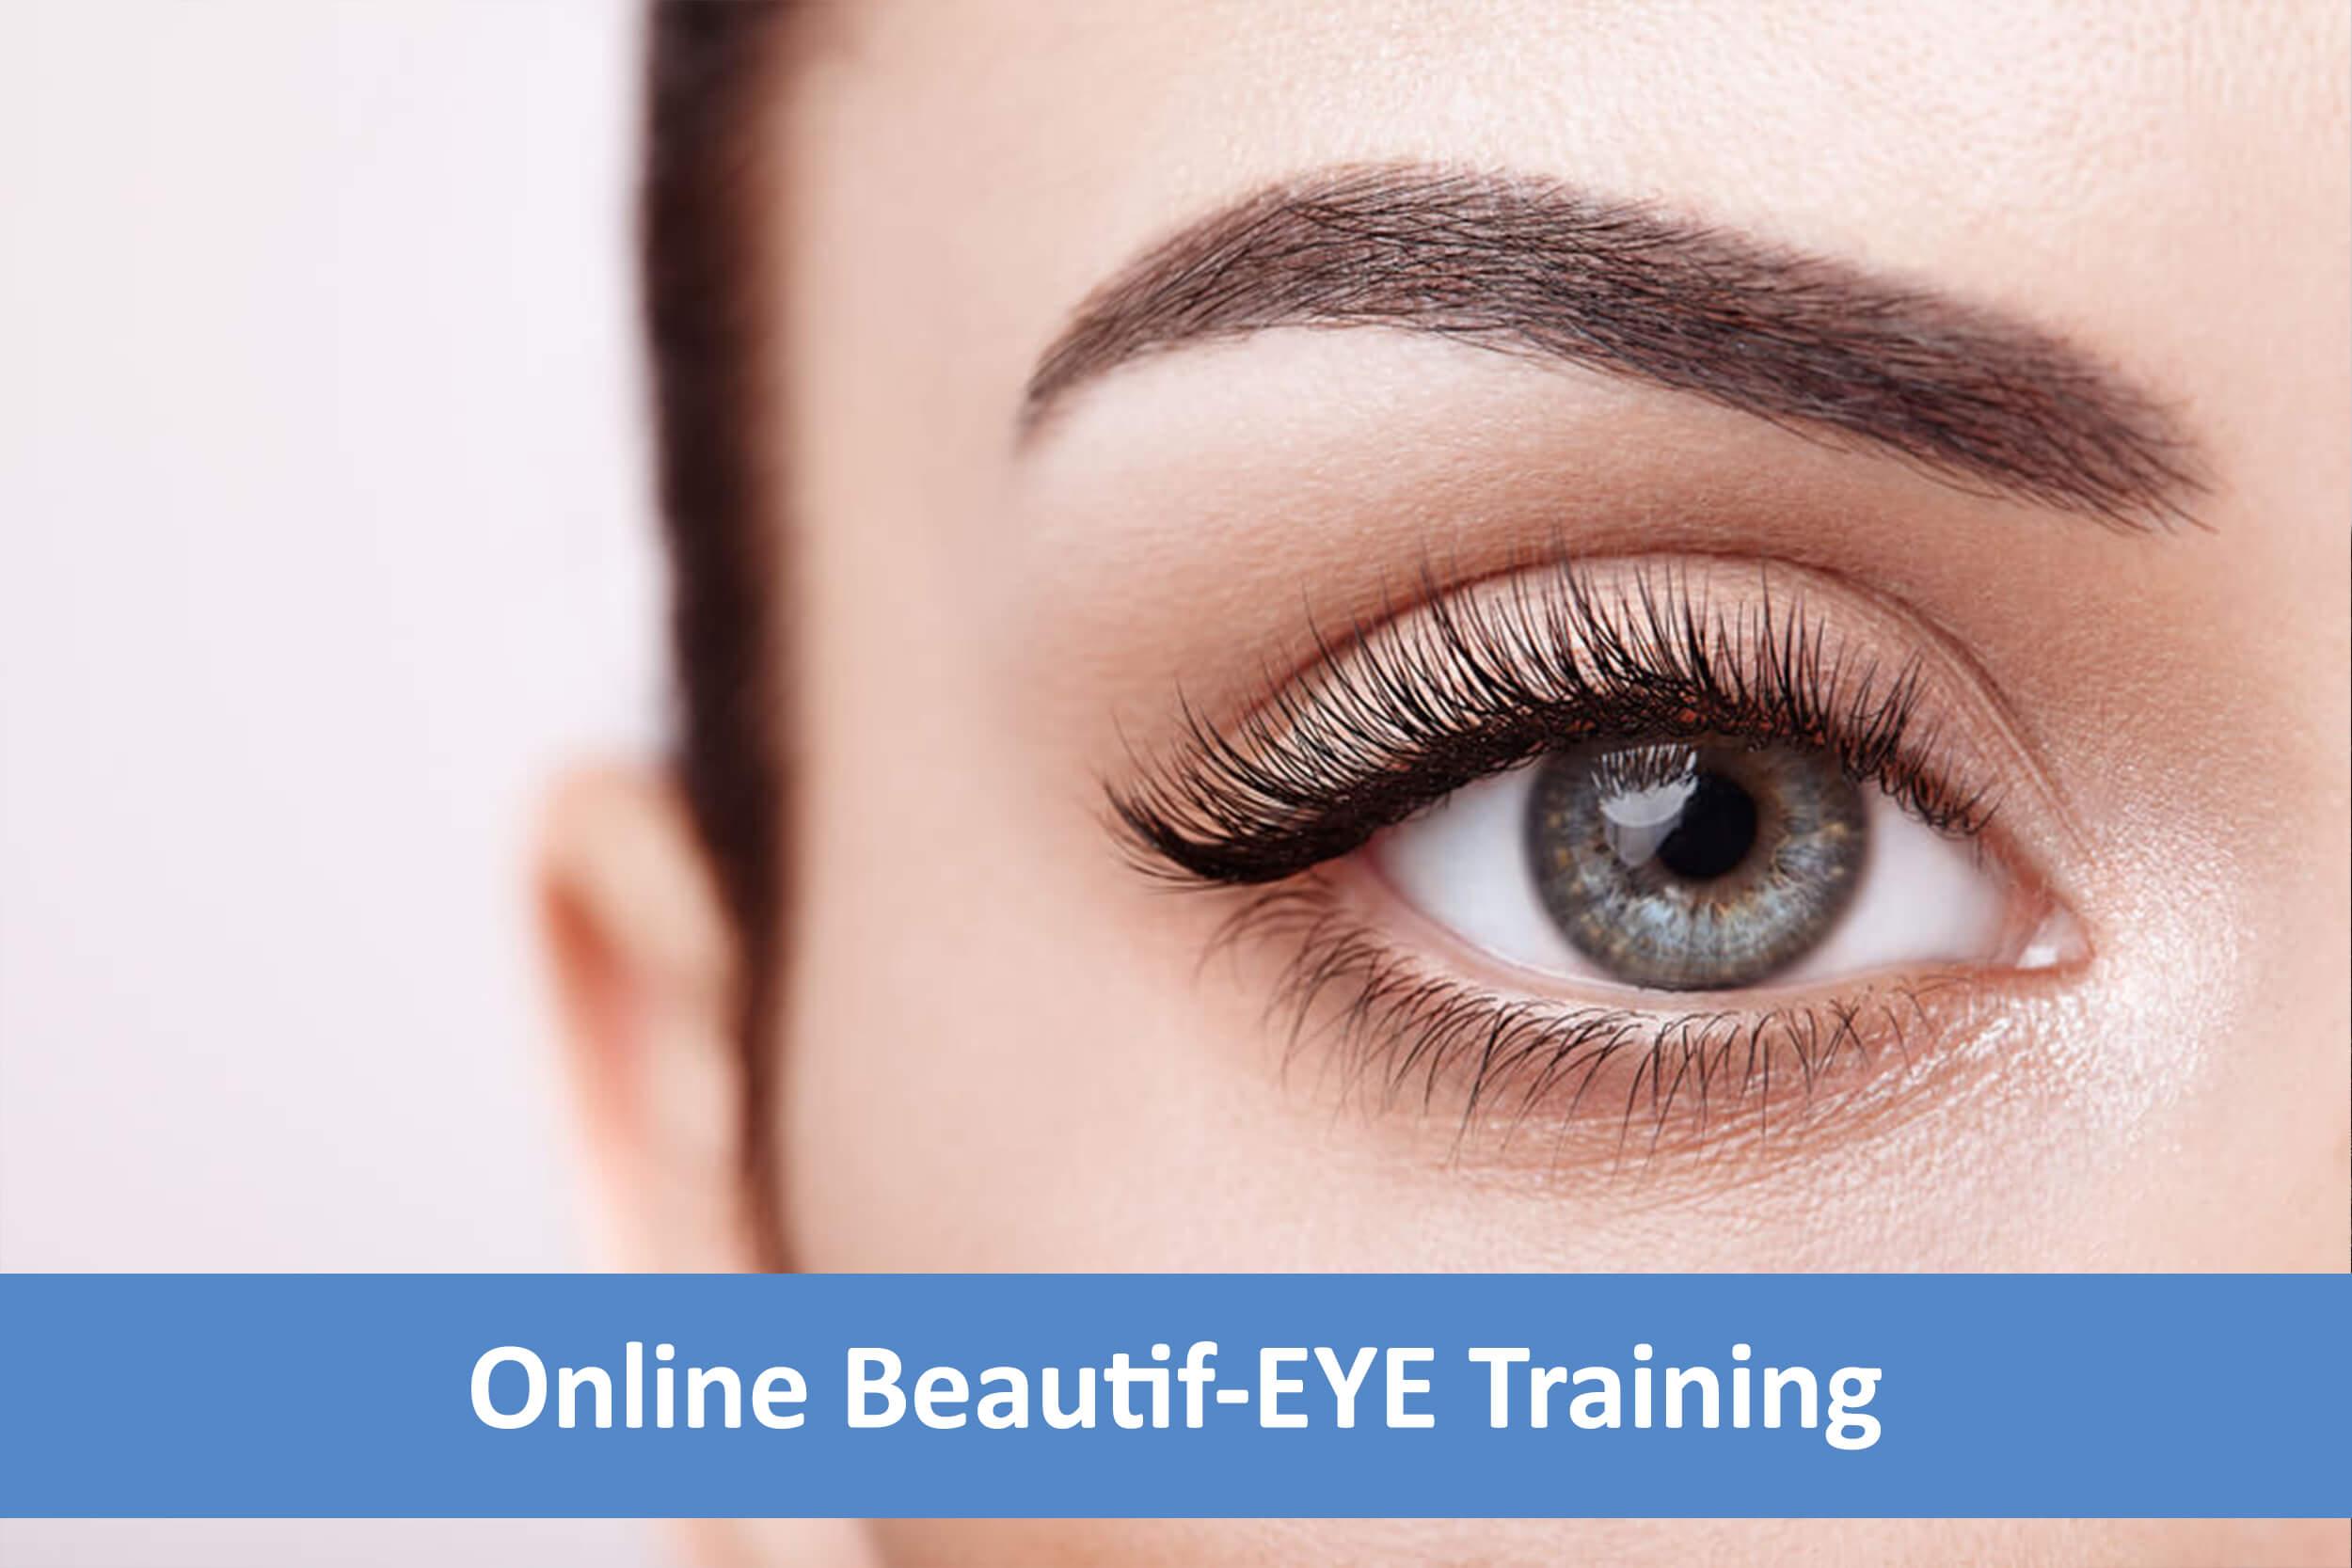 Online BeautifEYE Training